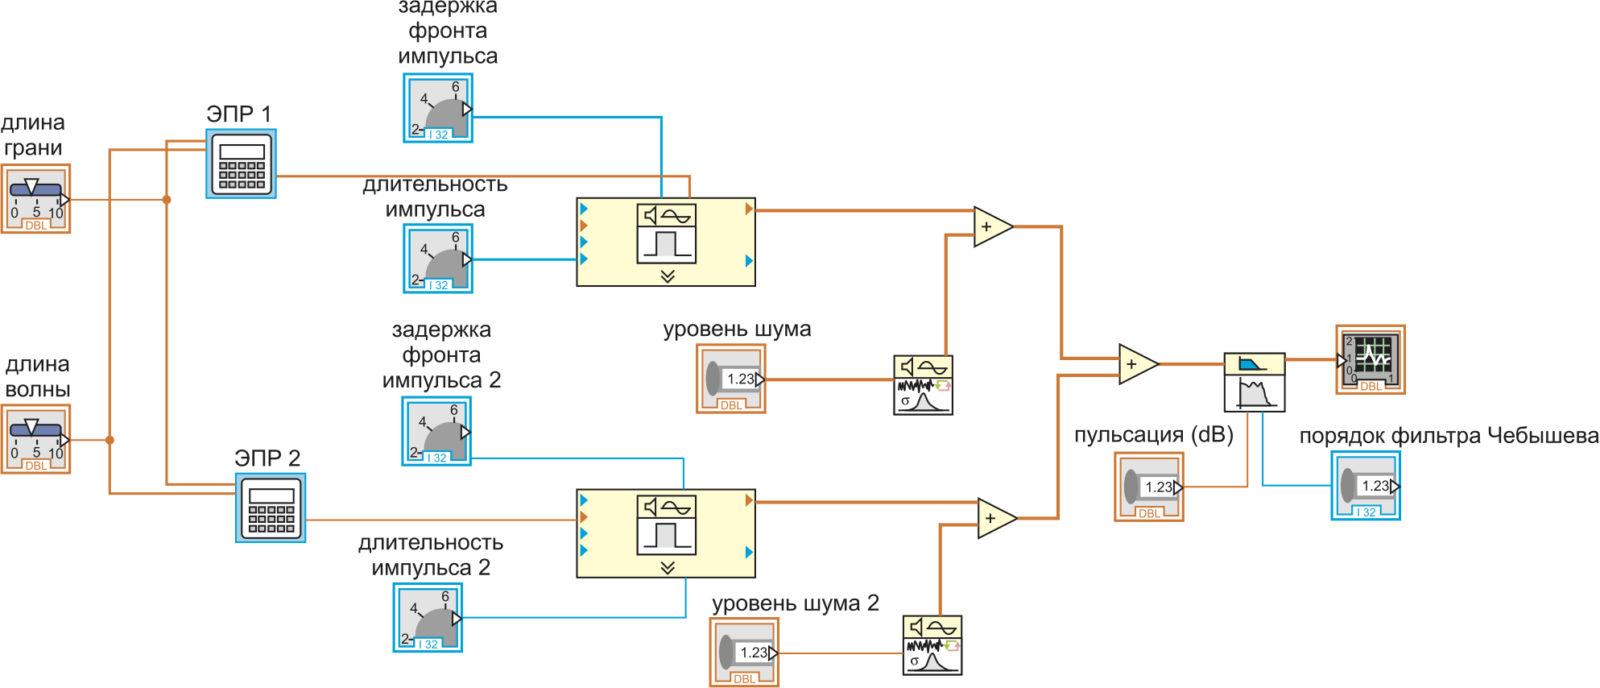 Структурная схема виртуального прибора